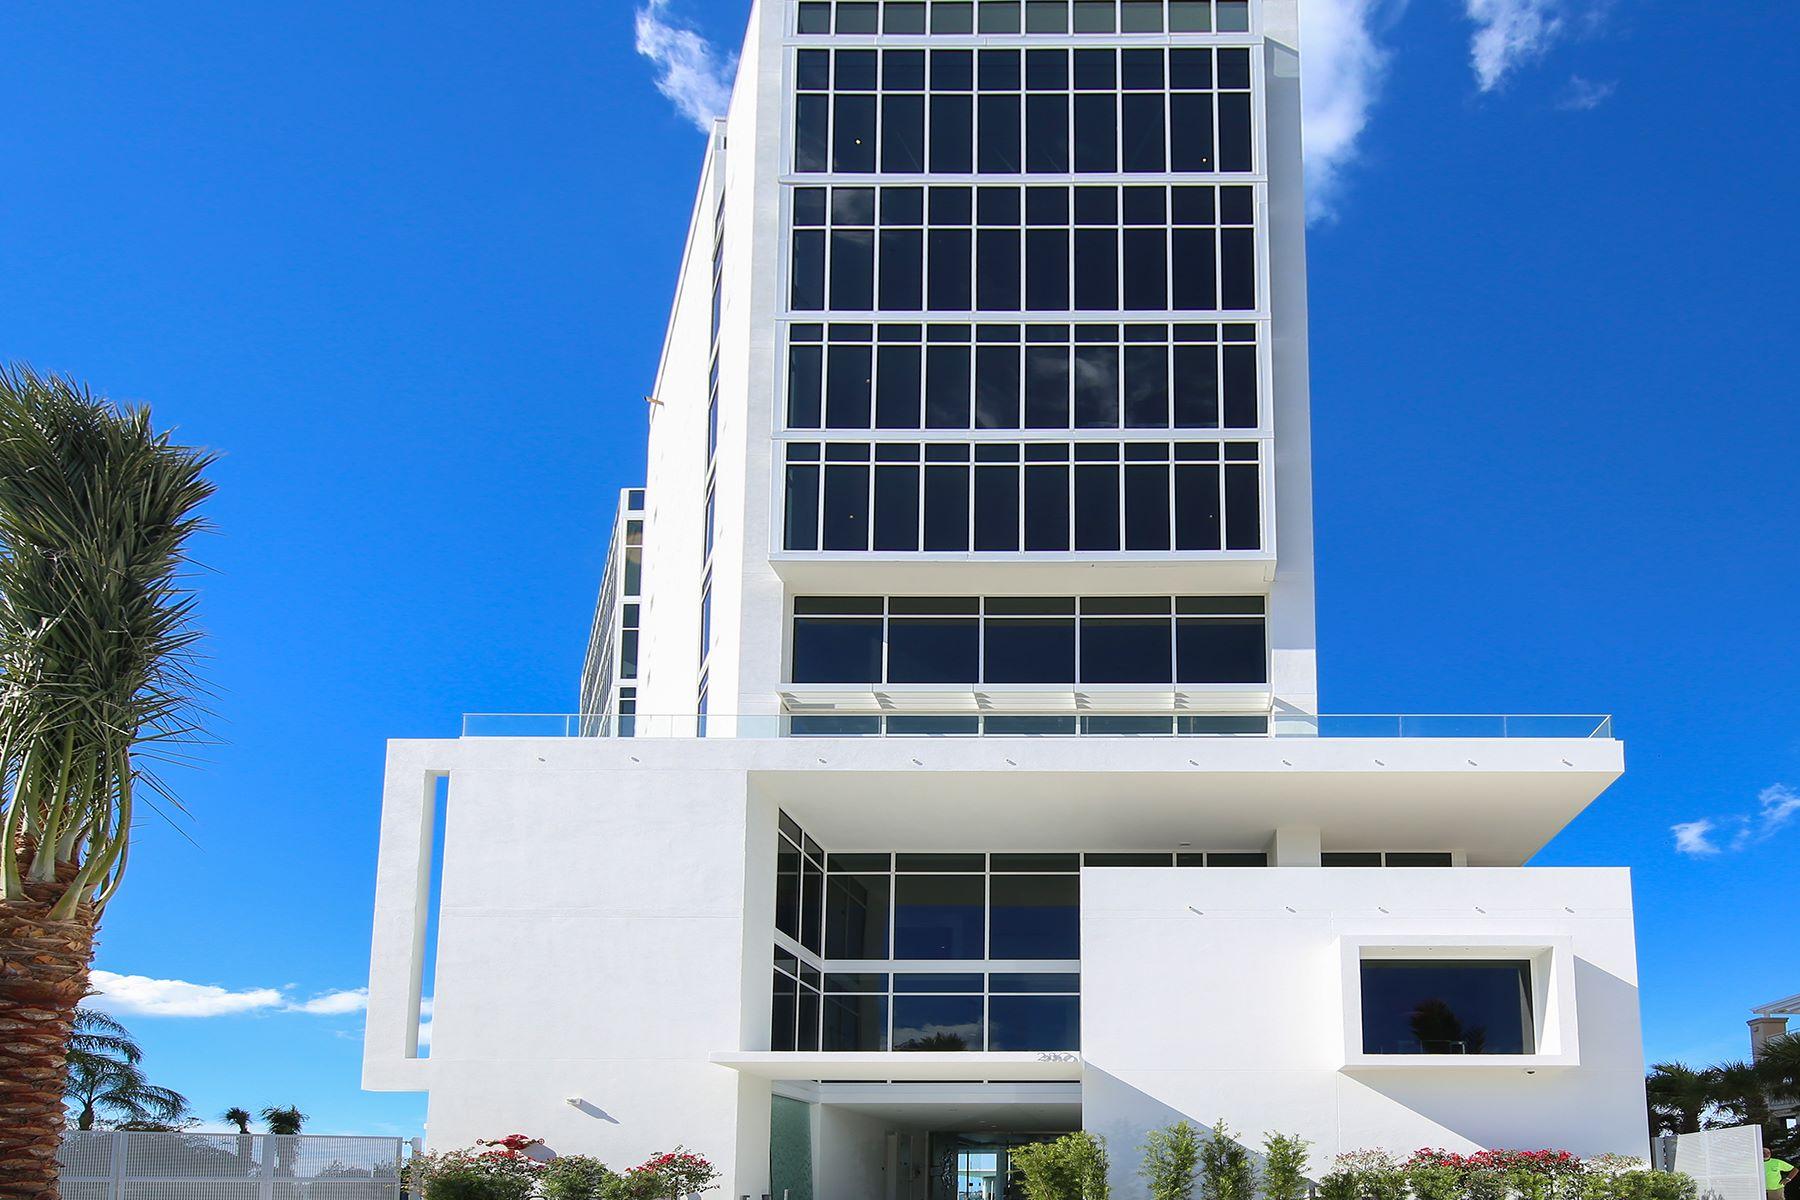 Кондоминиум для того Продажа на AQUA 280 Golden Gate Pt Grand Resid Sarasota, Флорида, 34236 Соединенные Штаты